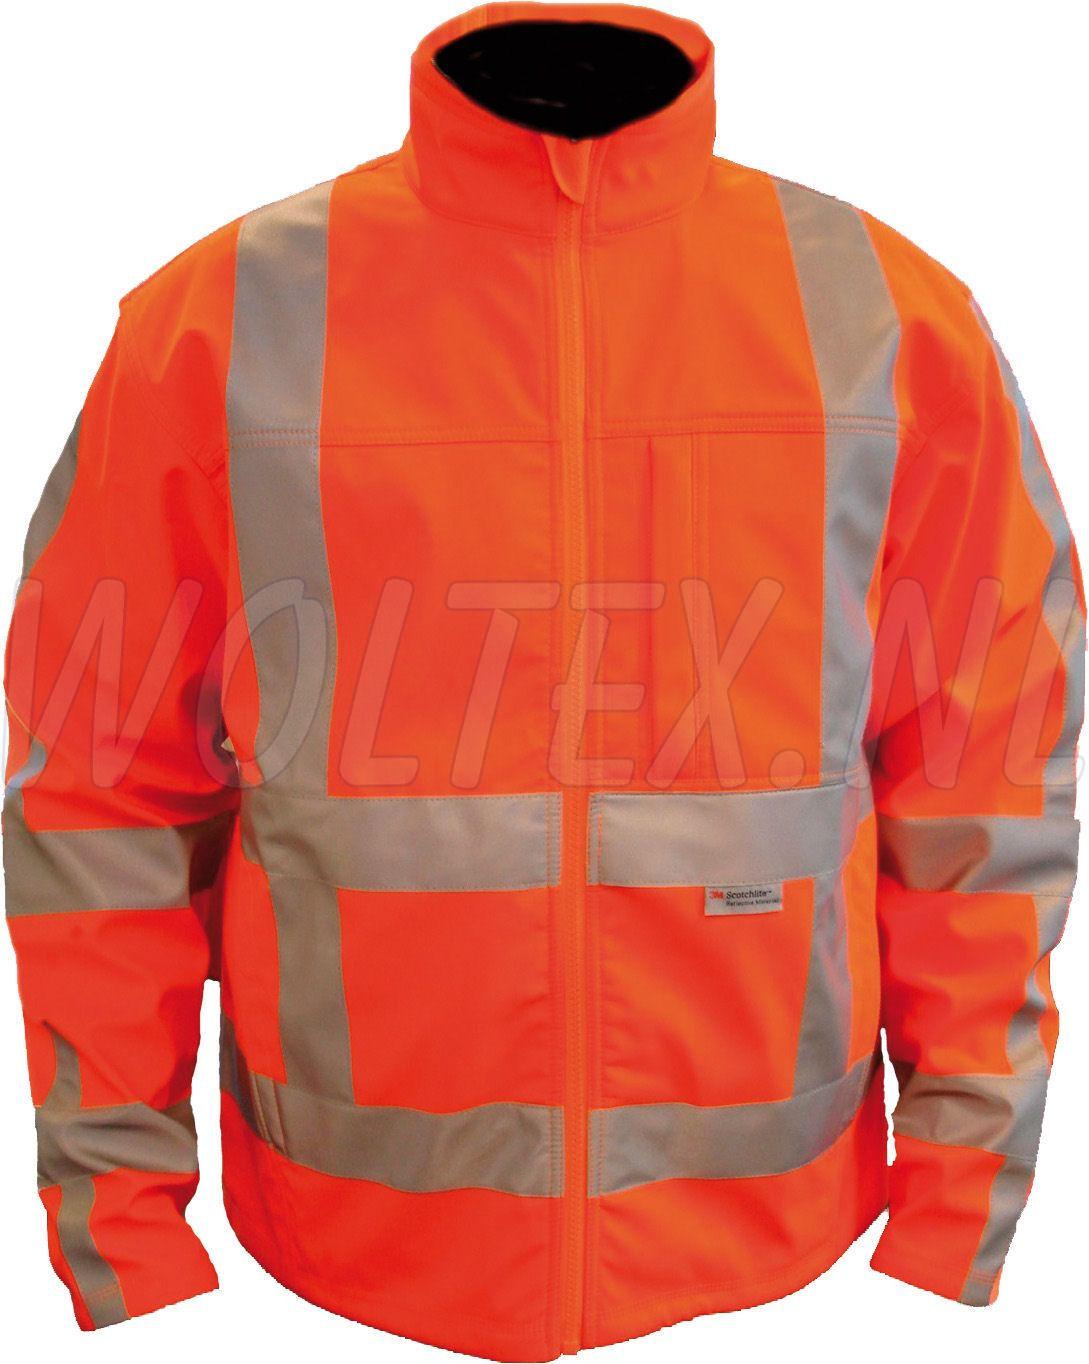 9eb342e799b8da M-Wear Softshell jacks 1316 RWS Reflectie Polarfleece Waterafstotend-  ademend fluo-oranje